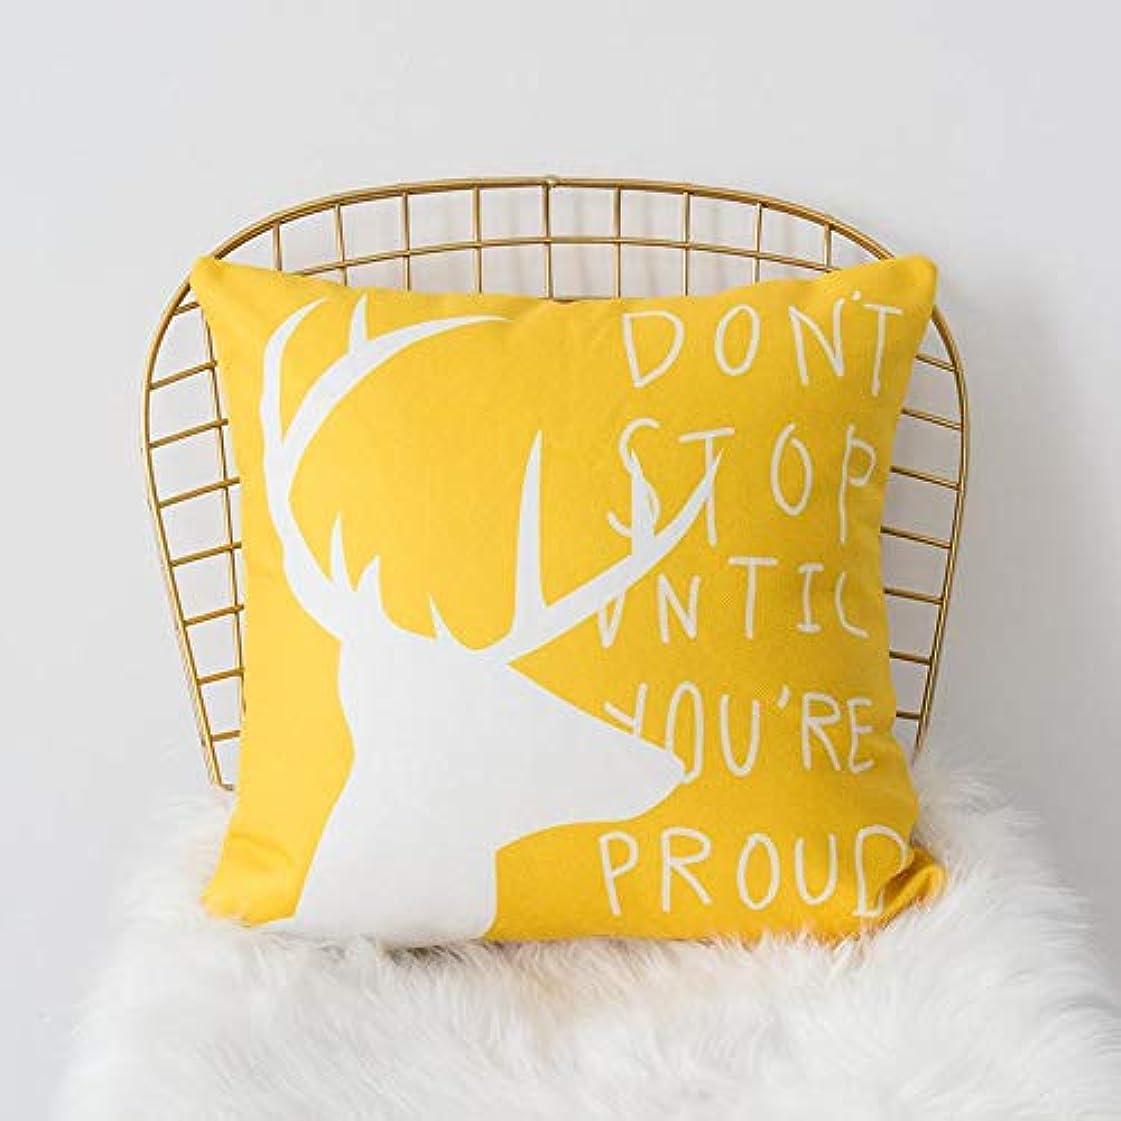 市民強化予防接種するLIFE 黄色グレー枕北欧スタイル黄色ヘラジカ幾何枕リビングルームのインテリアソファクッション Cojines 装飾良質 クッション 椅子